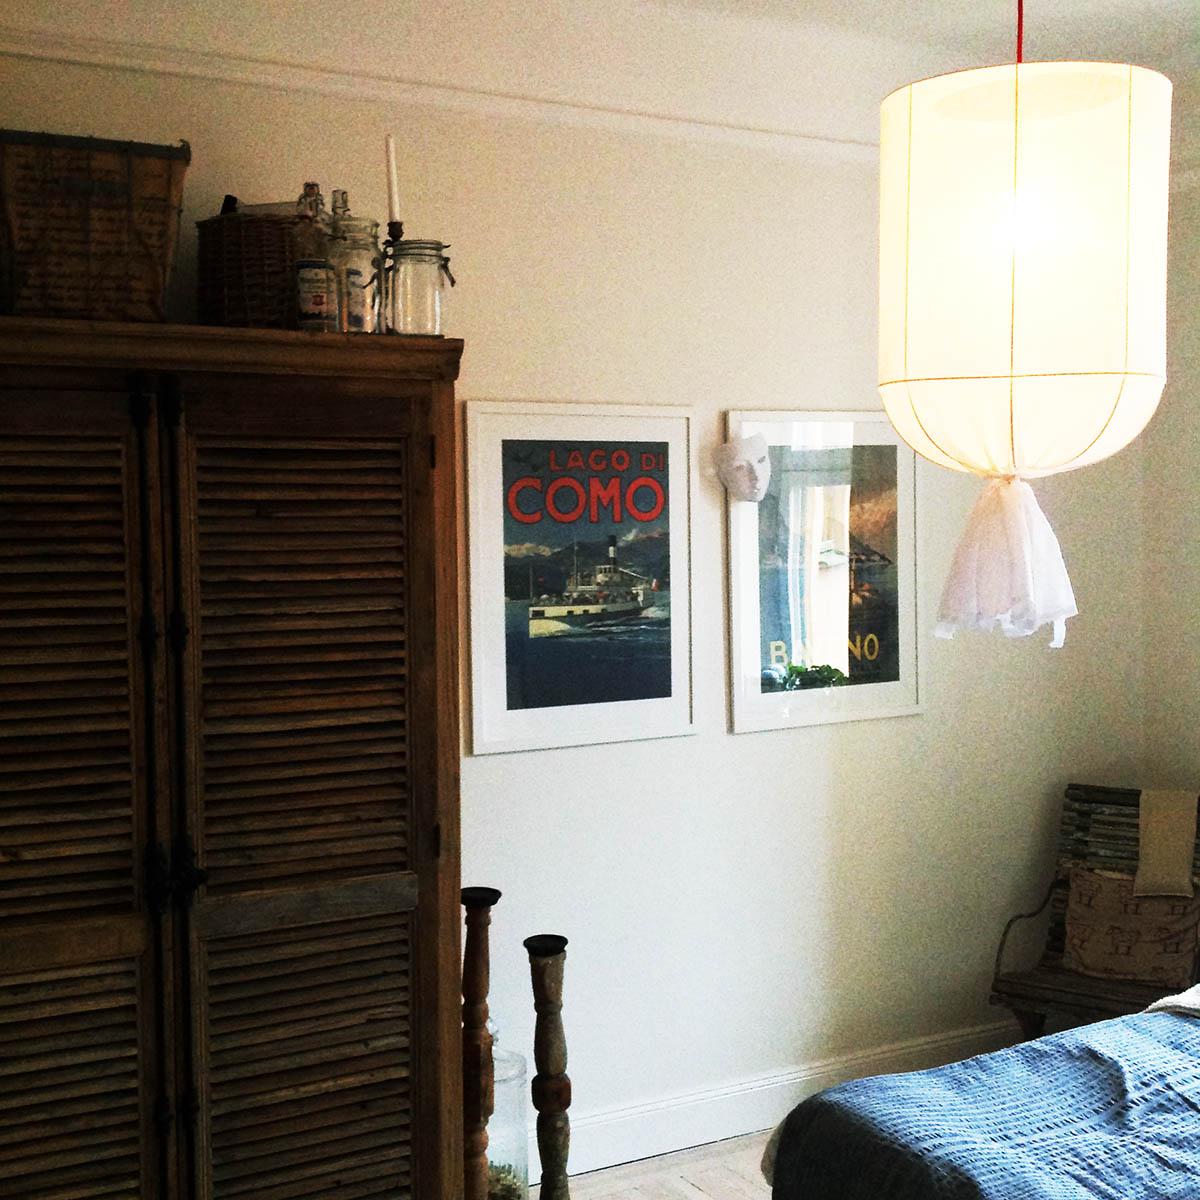 Stor skira lampa, taklampa tyglampa pr home sovrum